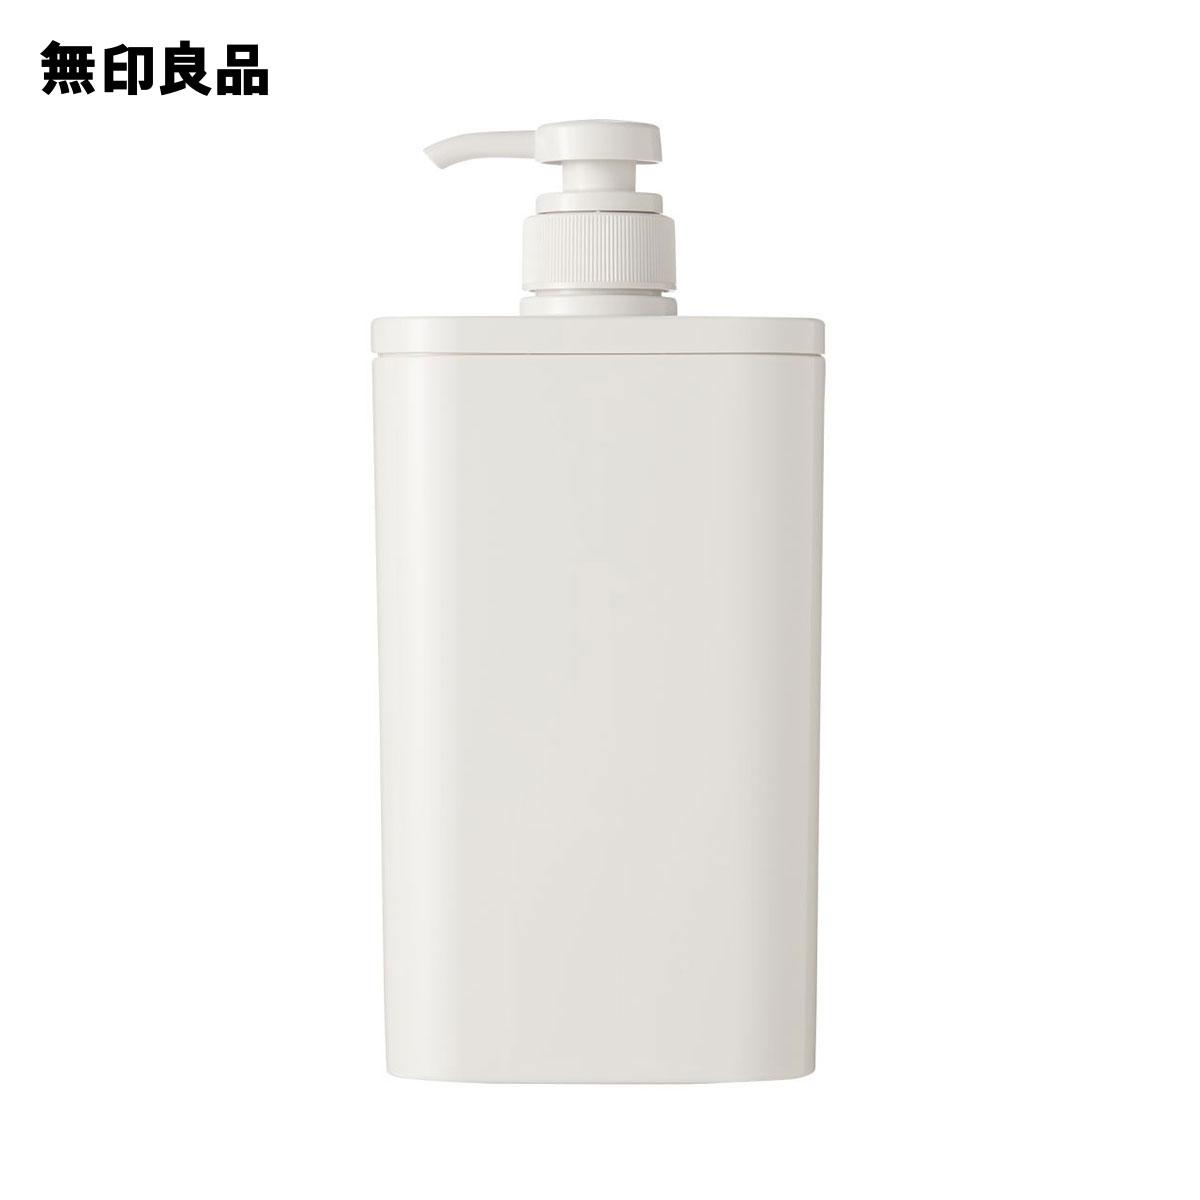 【無印良品 公式】 フタが外せるPET詰替ボトル ホワイト